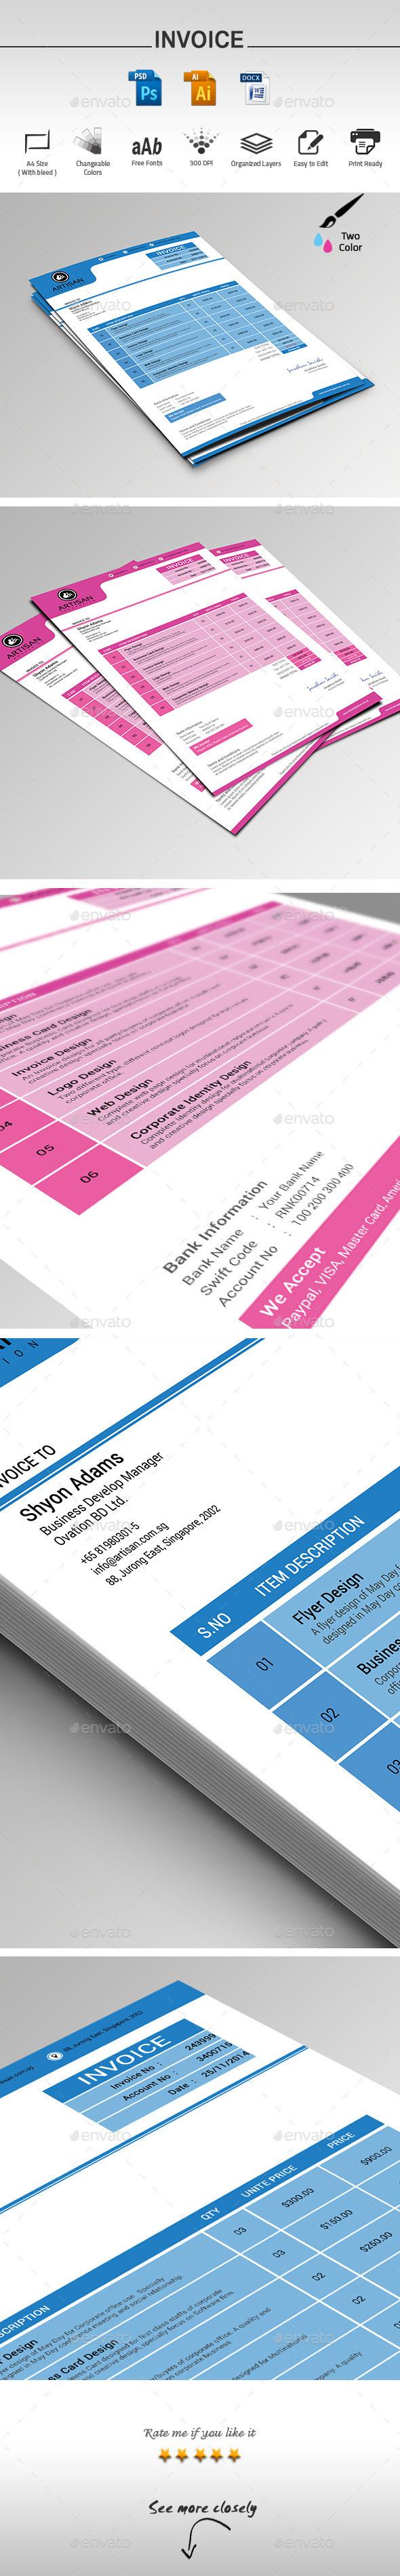 GraphicRiver Invoice Template 9678115